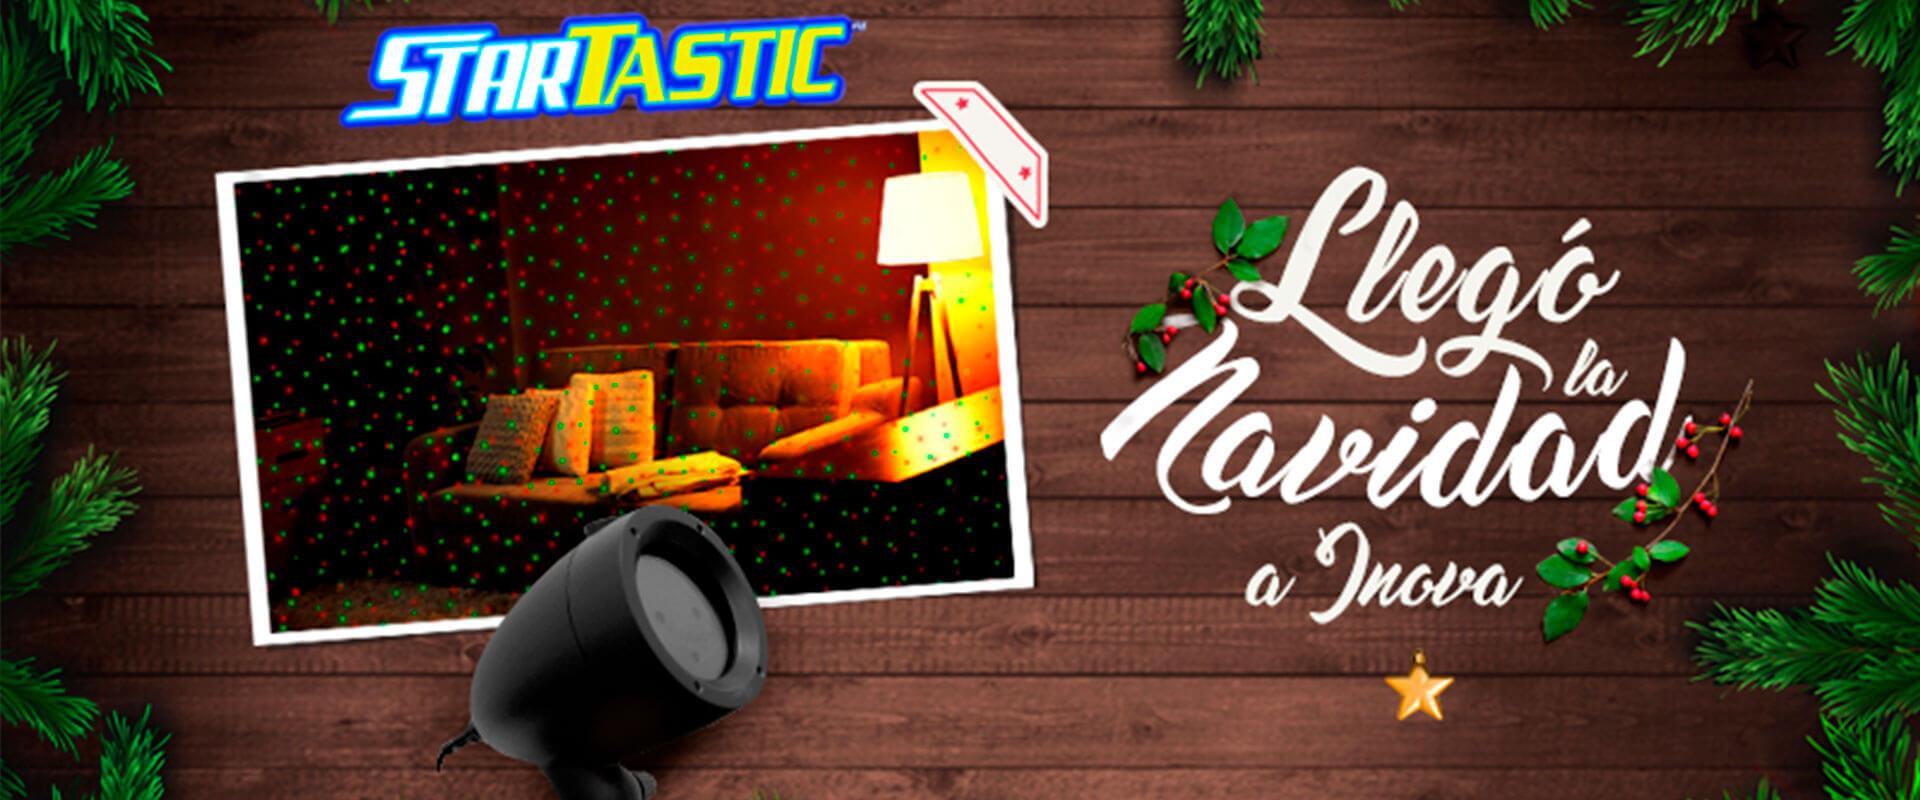 Luces láser Startastic para adornar esta Navidad.